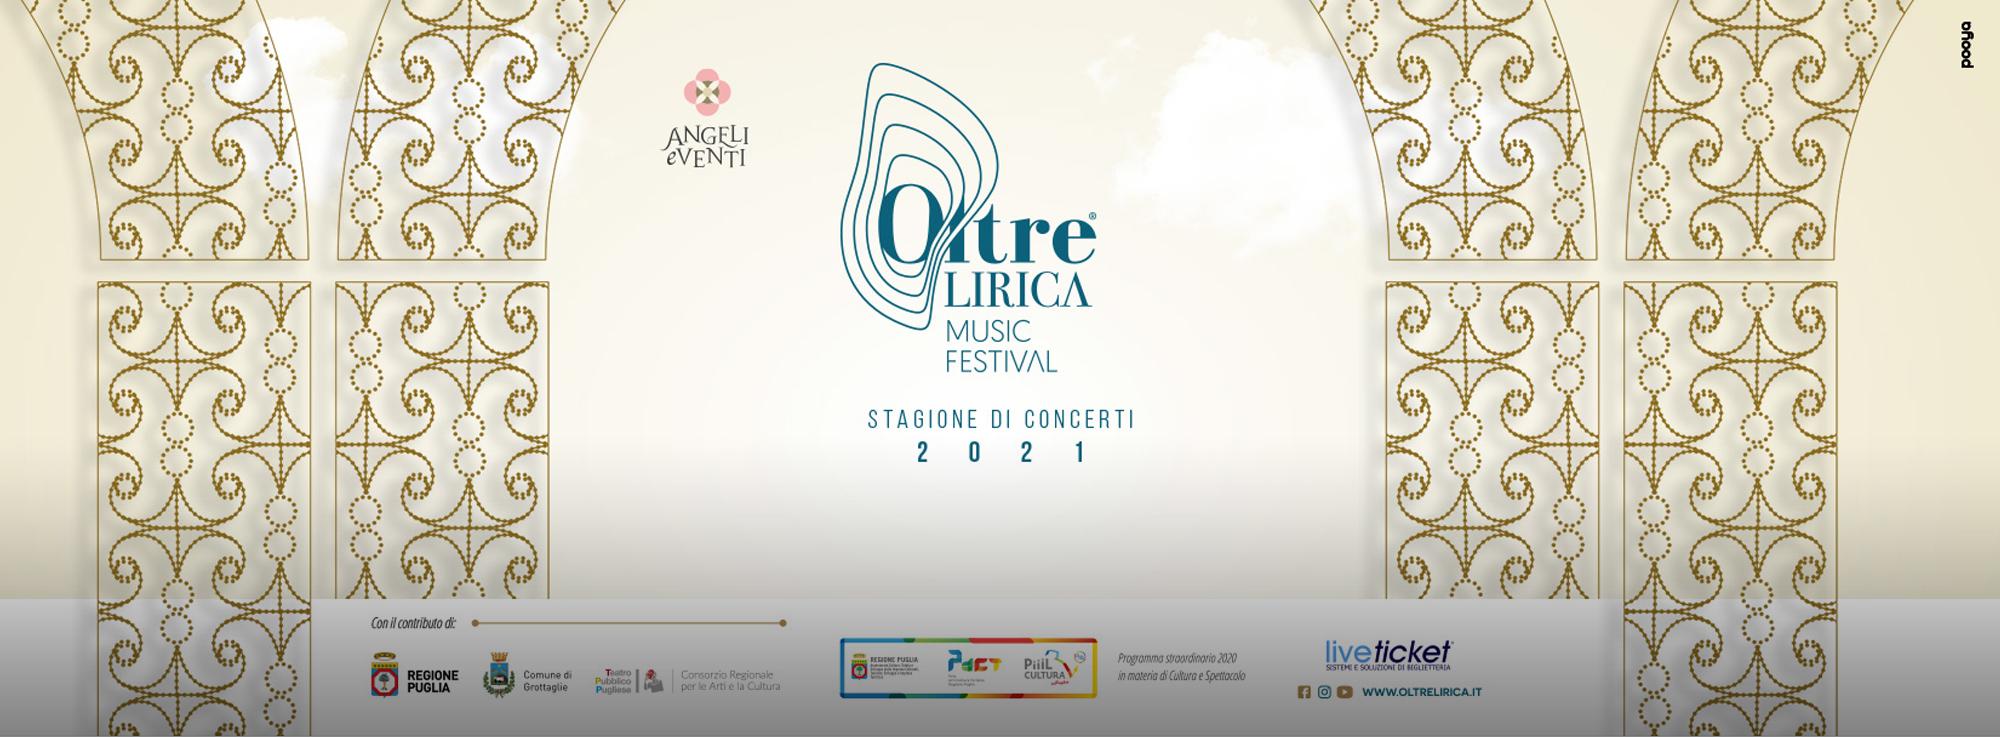 Grottaglie: Oltre Lirica Festival